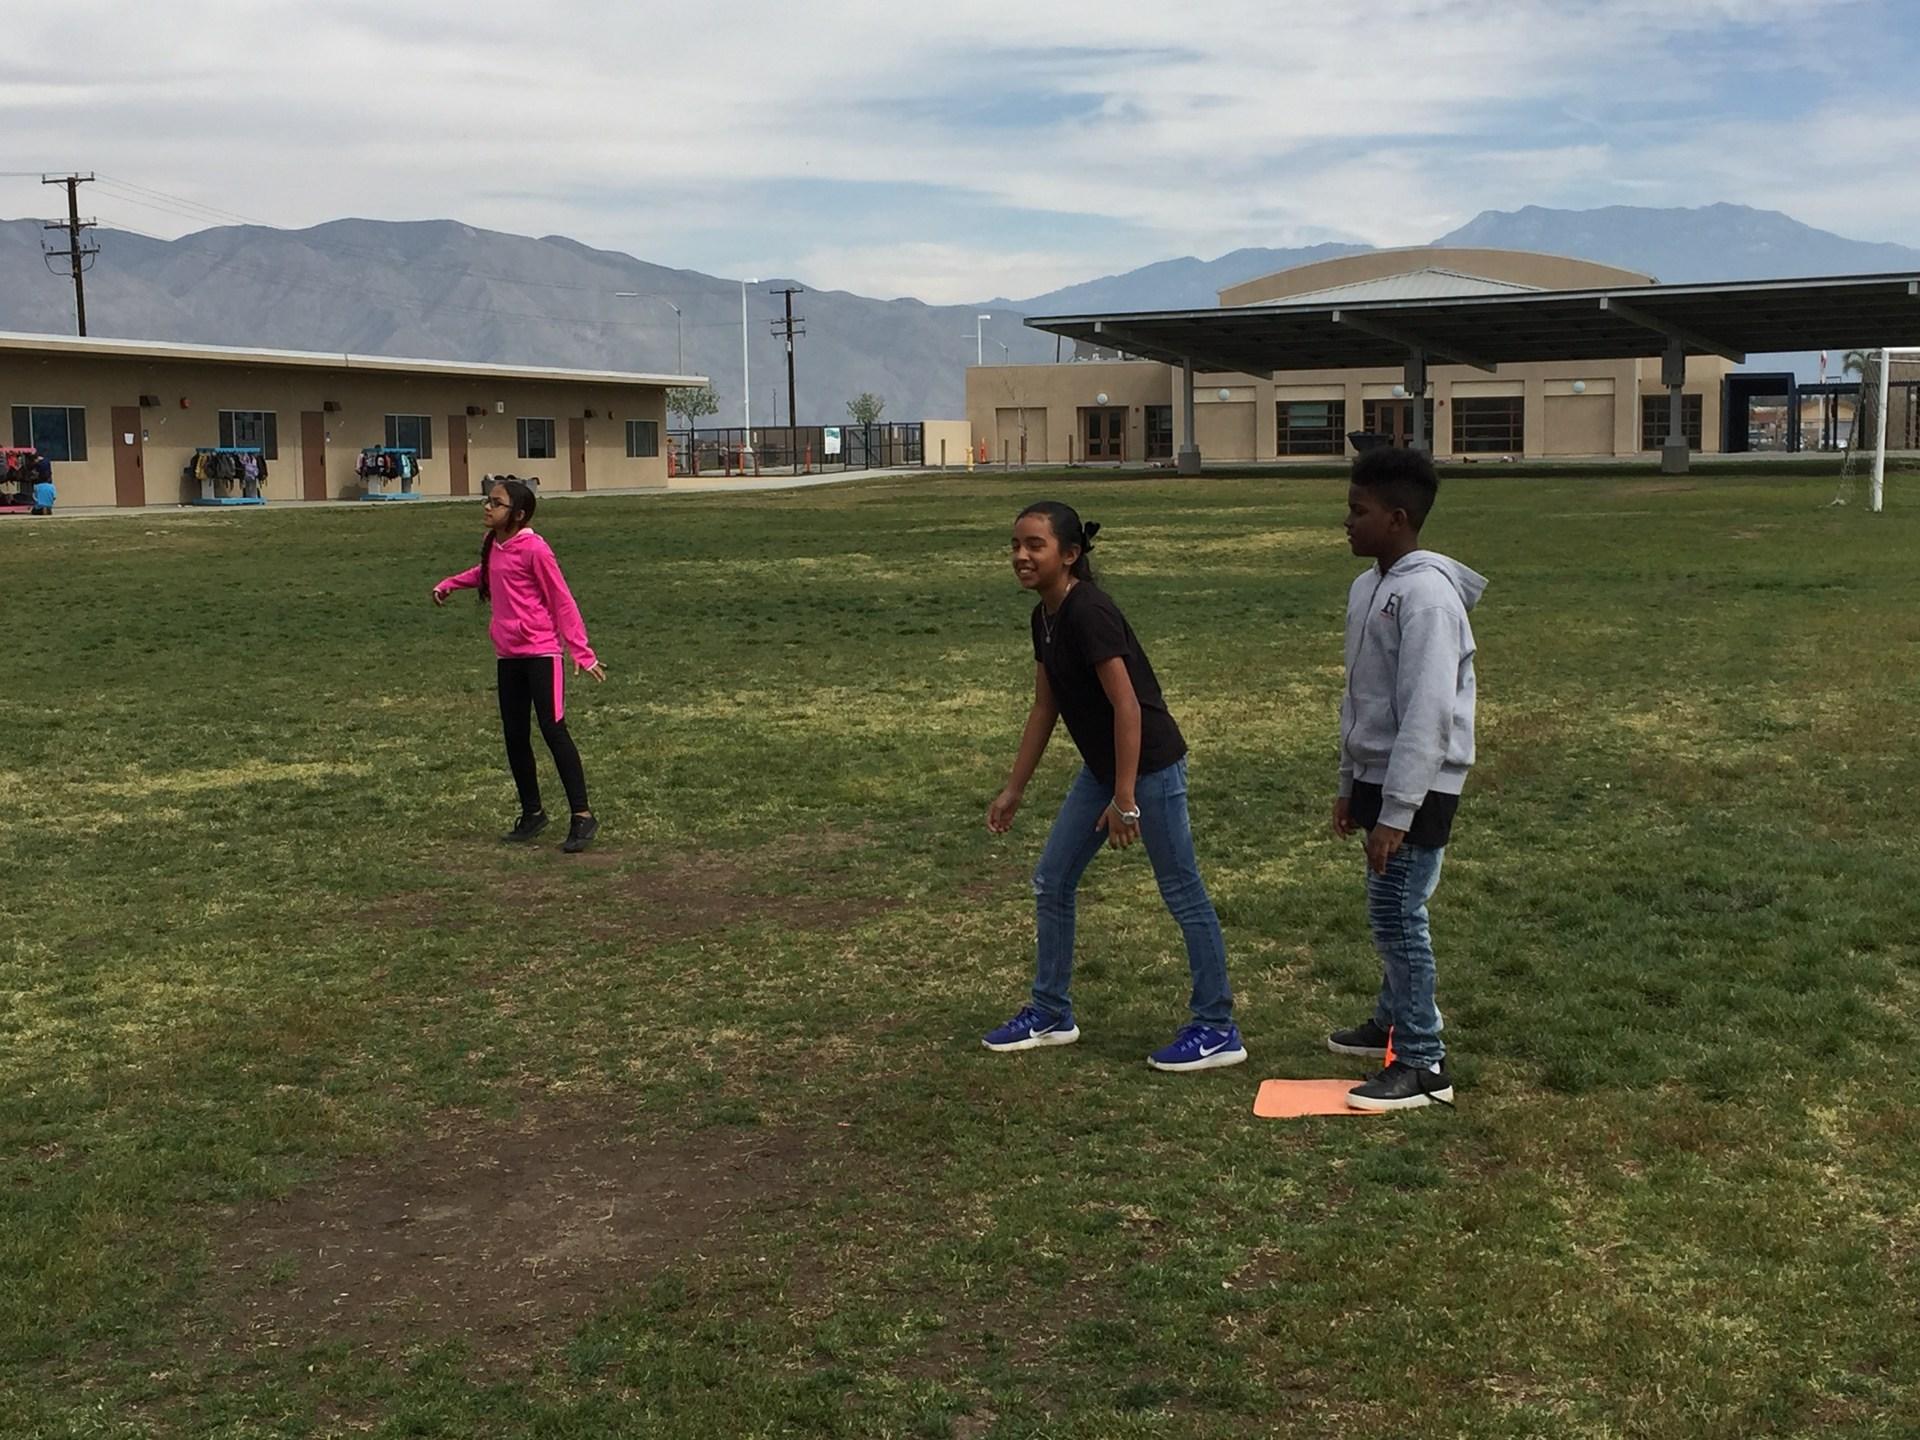 student running to third base